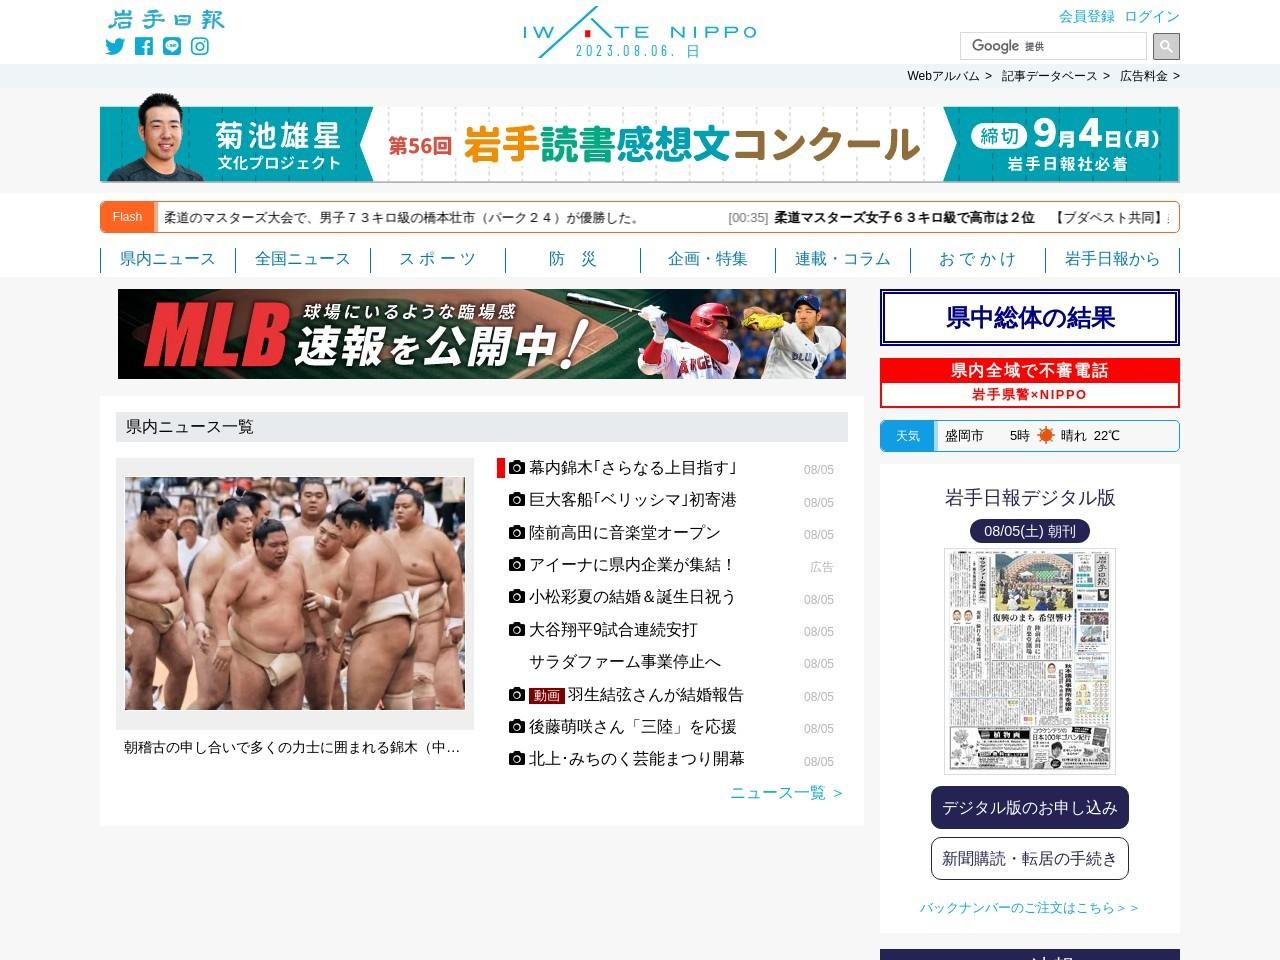 坂道グループ、3月も写真集ランキング席巻 乃木坂46・高山一実&欅坂46・小林由依けん引